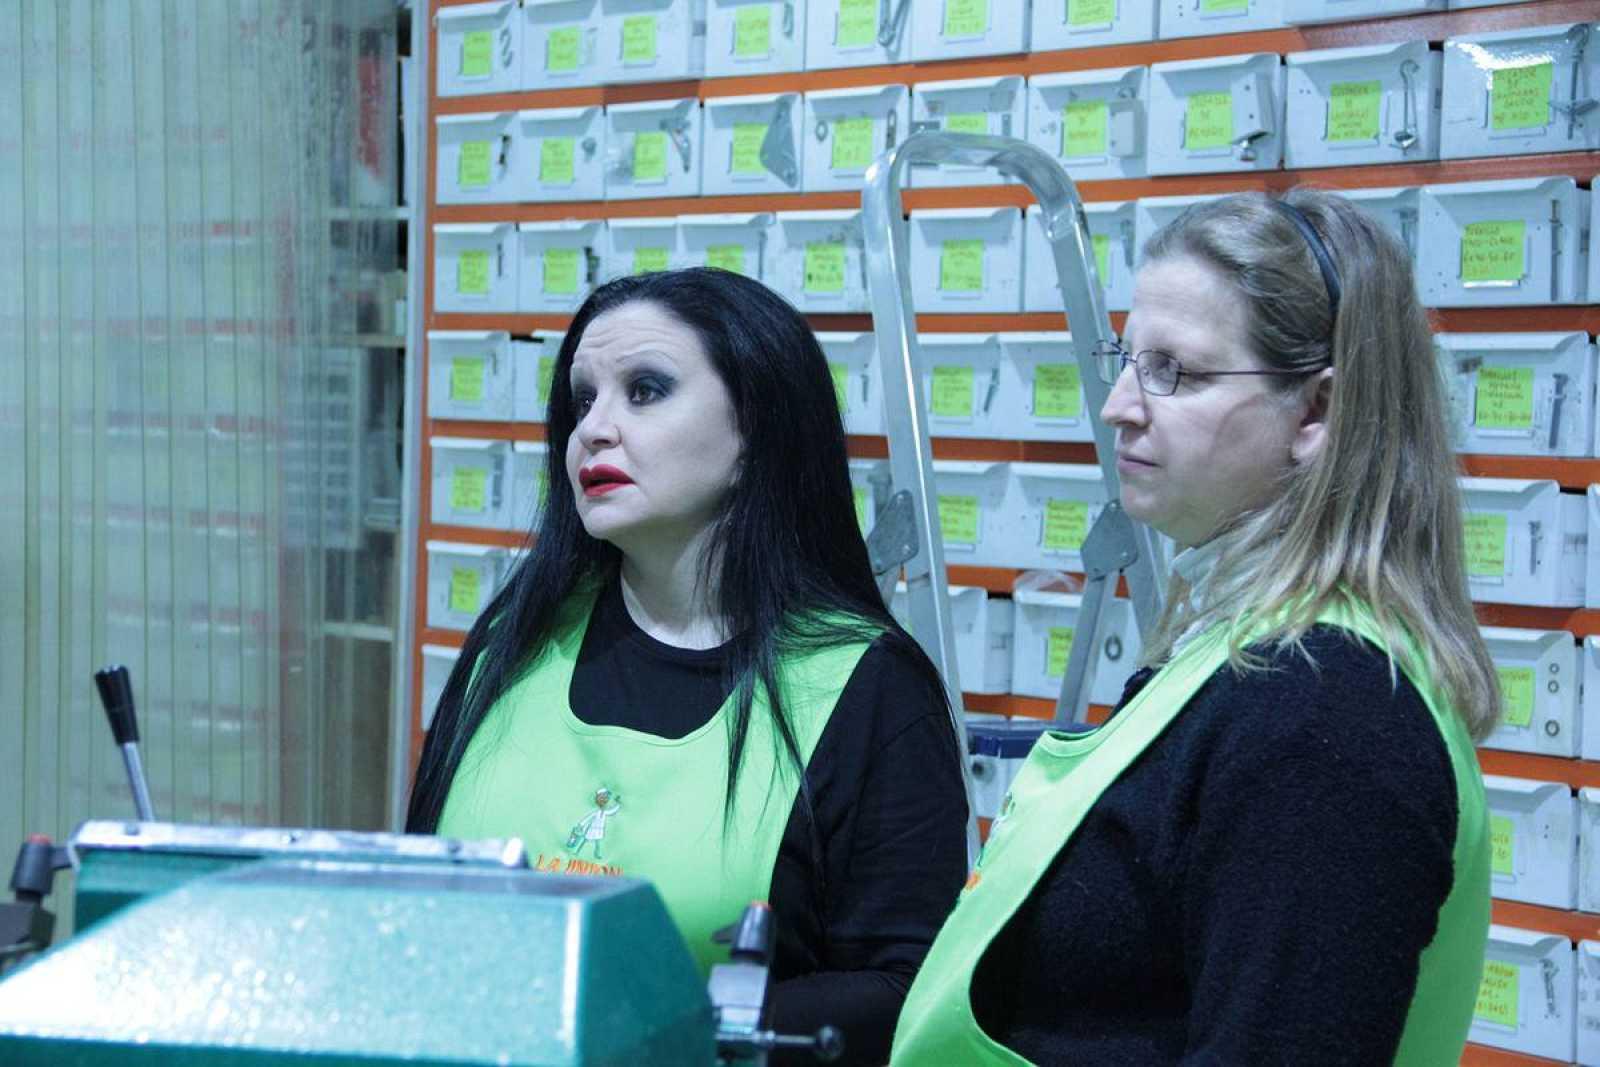 Alaska trabajará por un día en una tienda de bricolaje